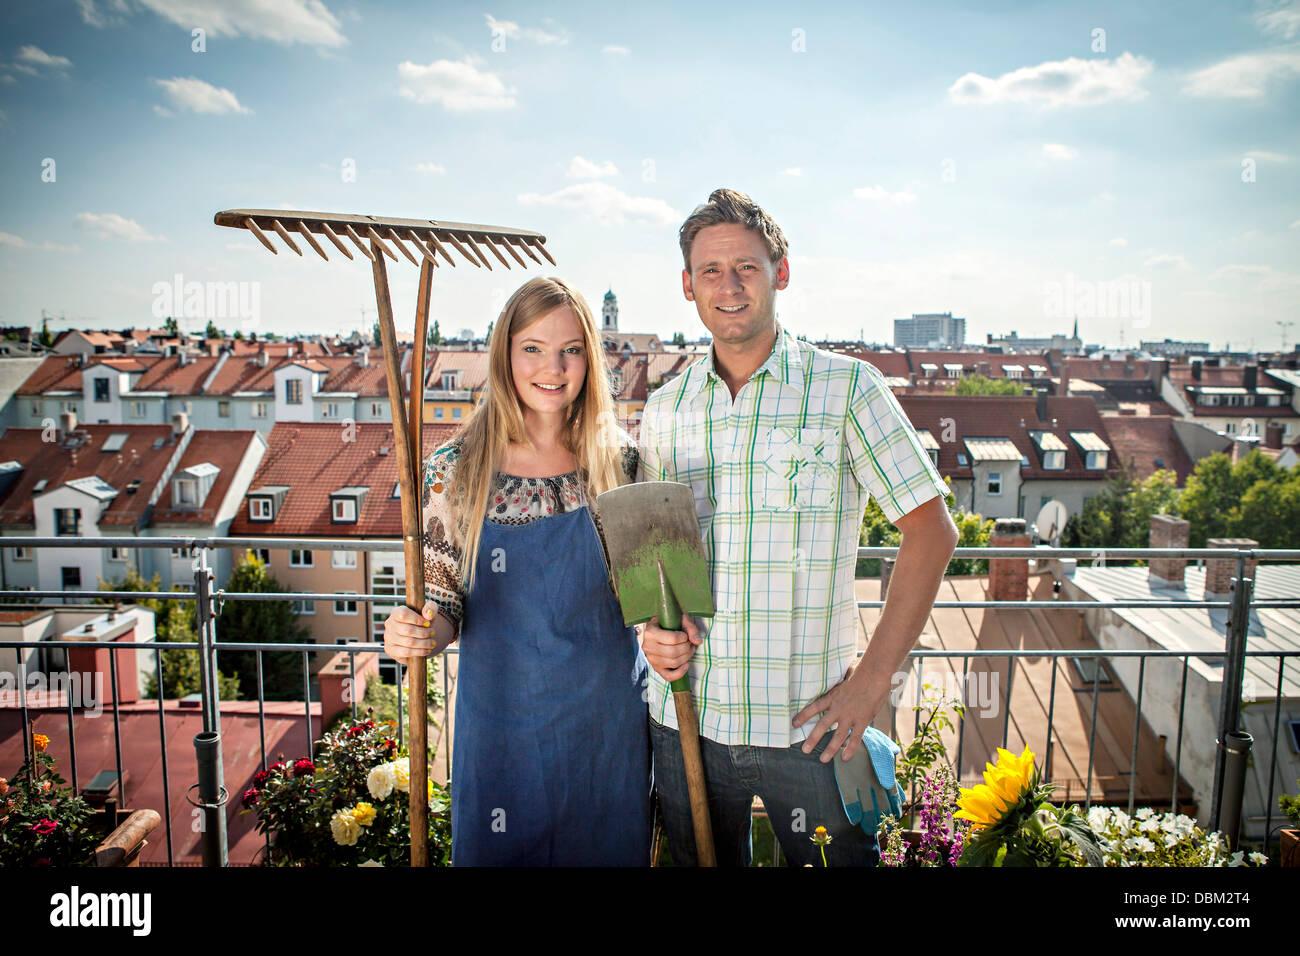 Couple On Balcony, Holding Garden Tools, Munich, Bavaria, Germany, Europe - Stock Image